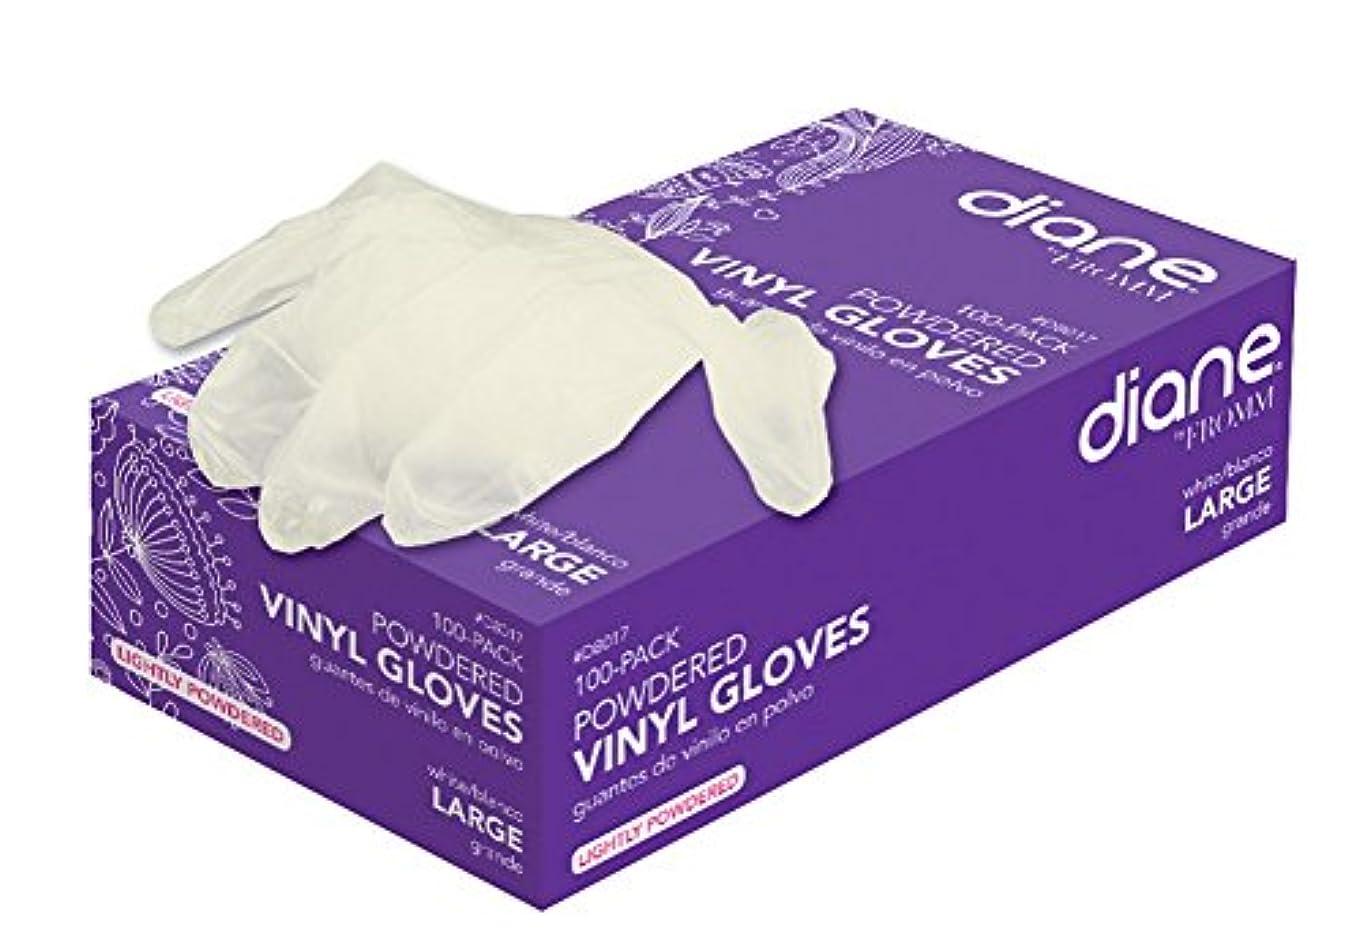 描く推定する蒸留Diane D8015ビニール粉末手袋で - 小さい